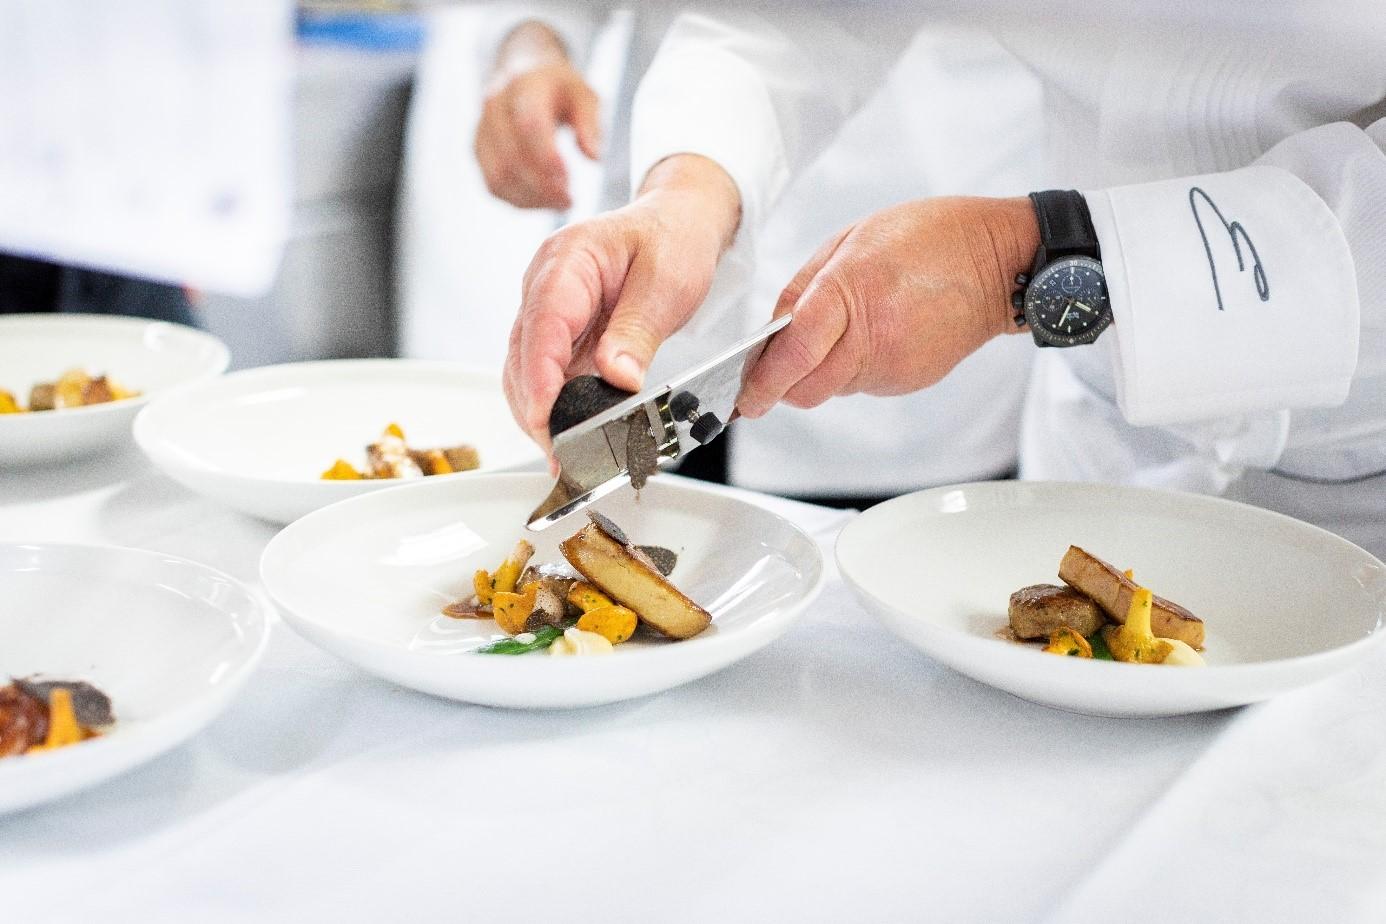 宝珀联手米其林指南 工艺与美食的完美结合